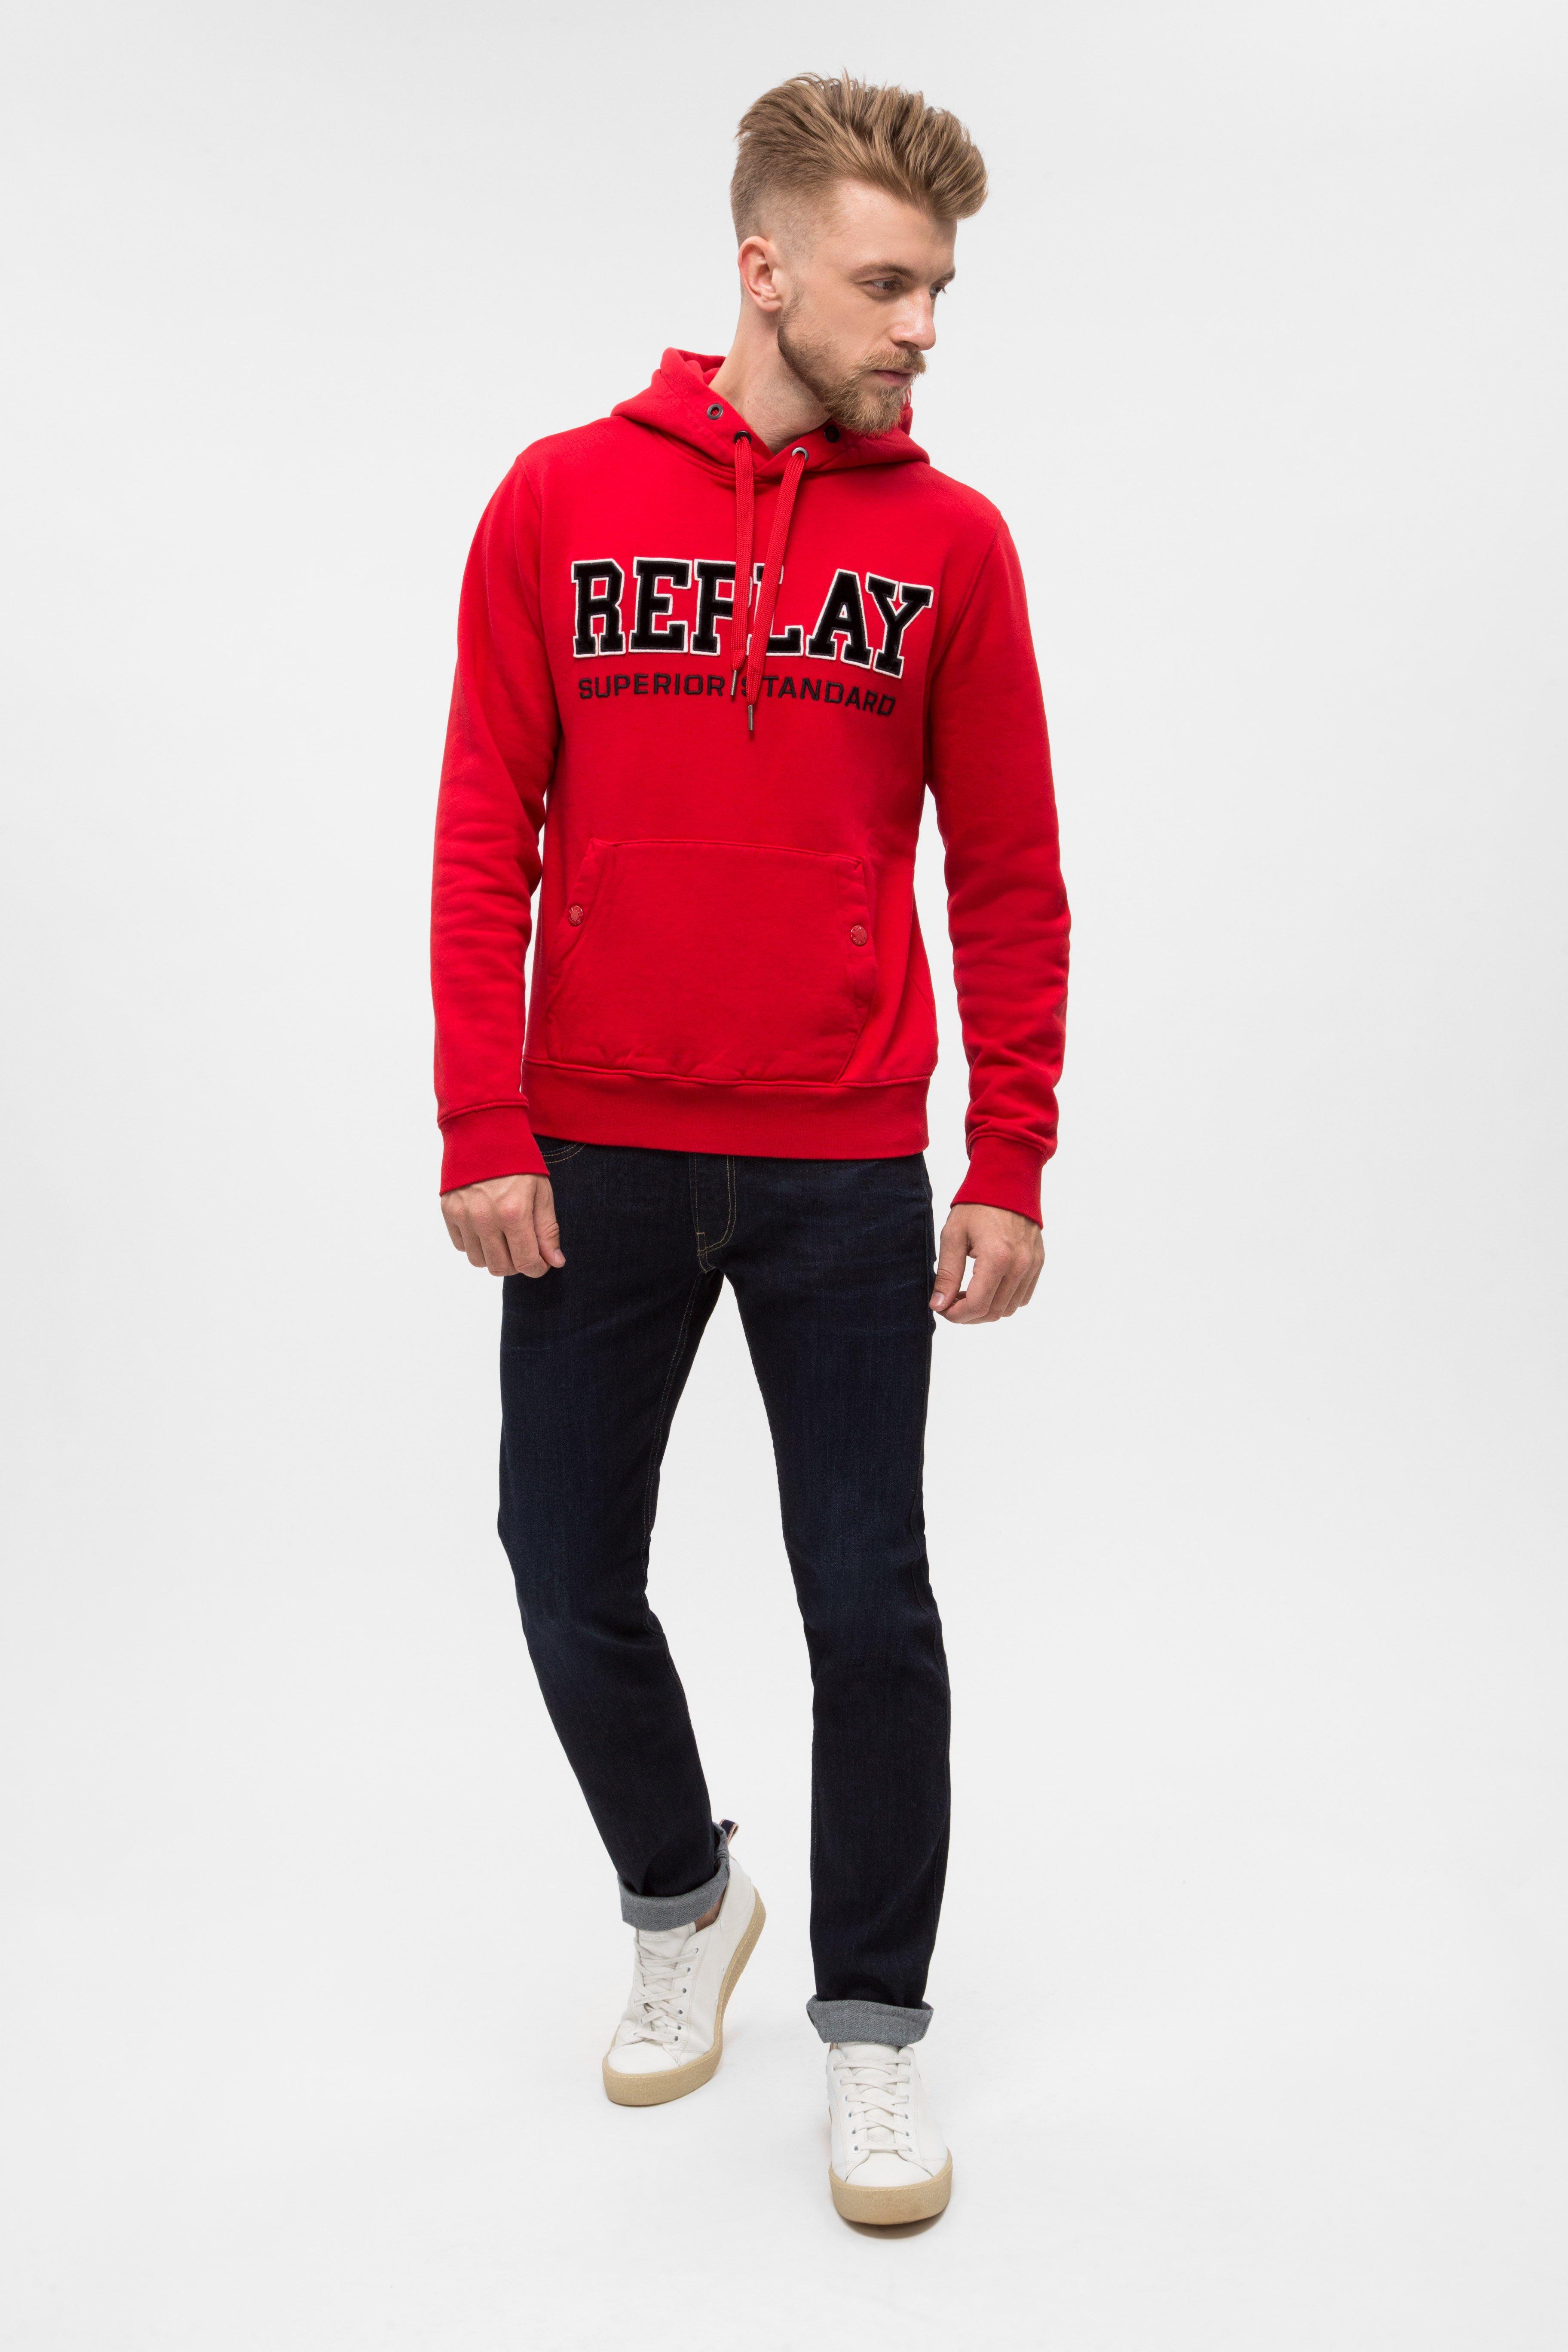 Купить Мужские темно-синие джинсы ANBASS Replay Replay M914Y .000.573 320 – Киев, Украина. Цены в интернет магазине MD Fashion